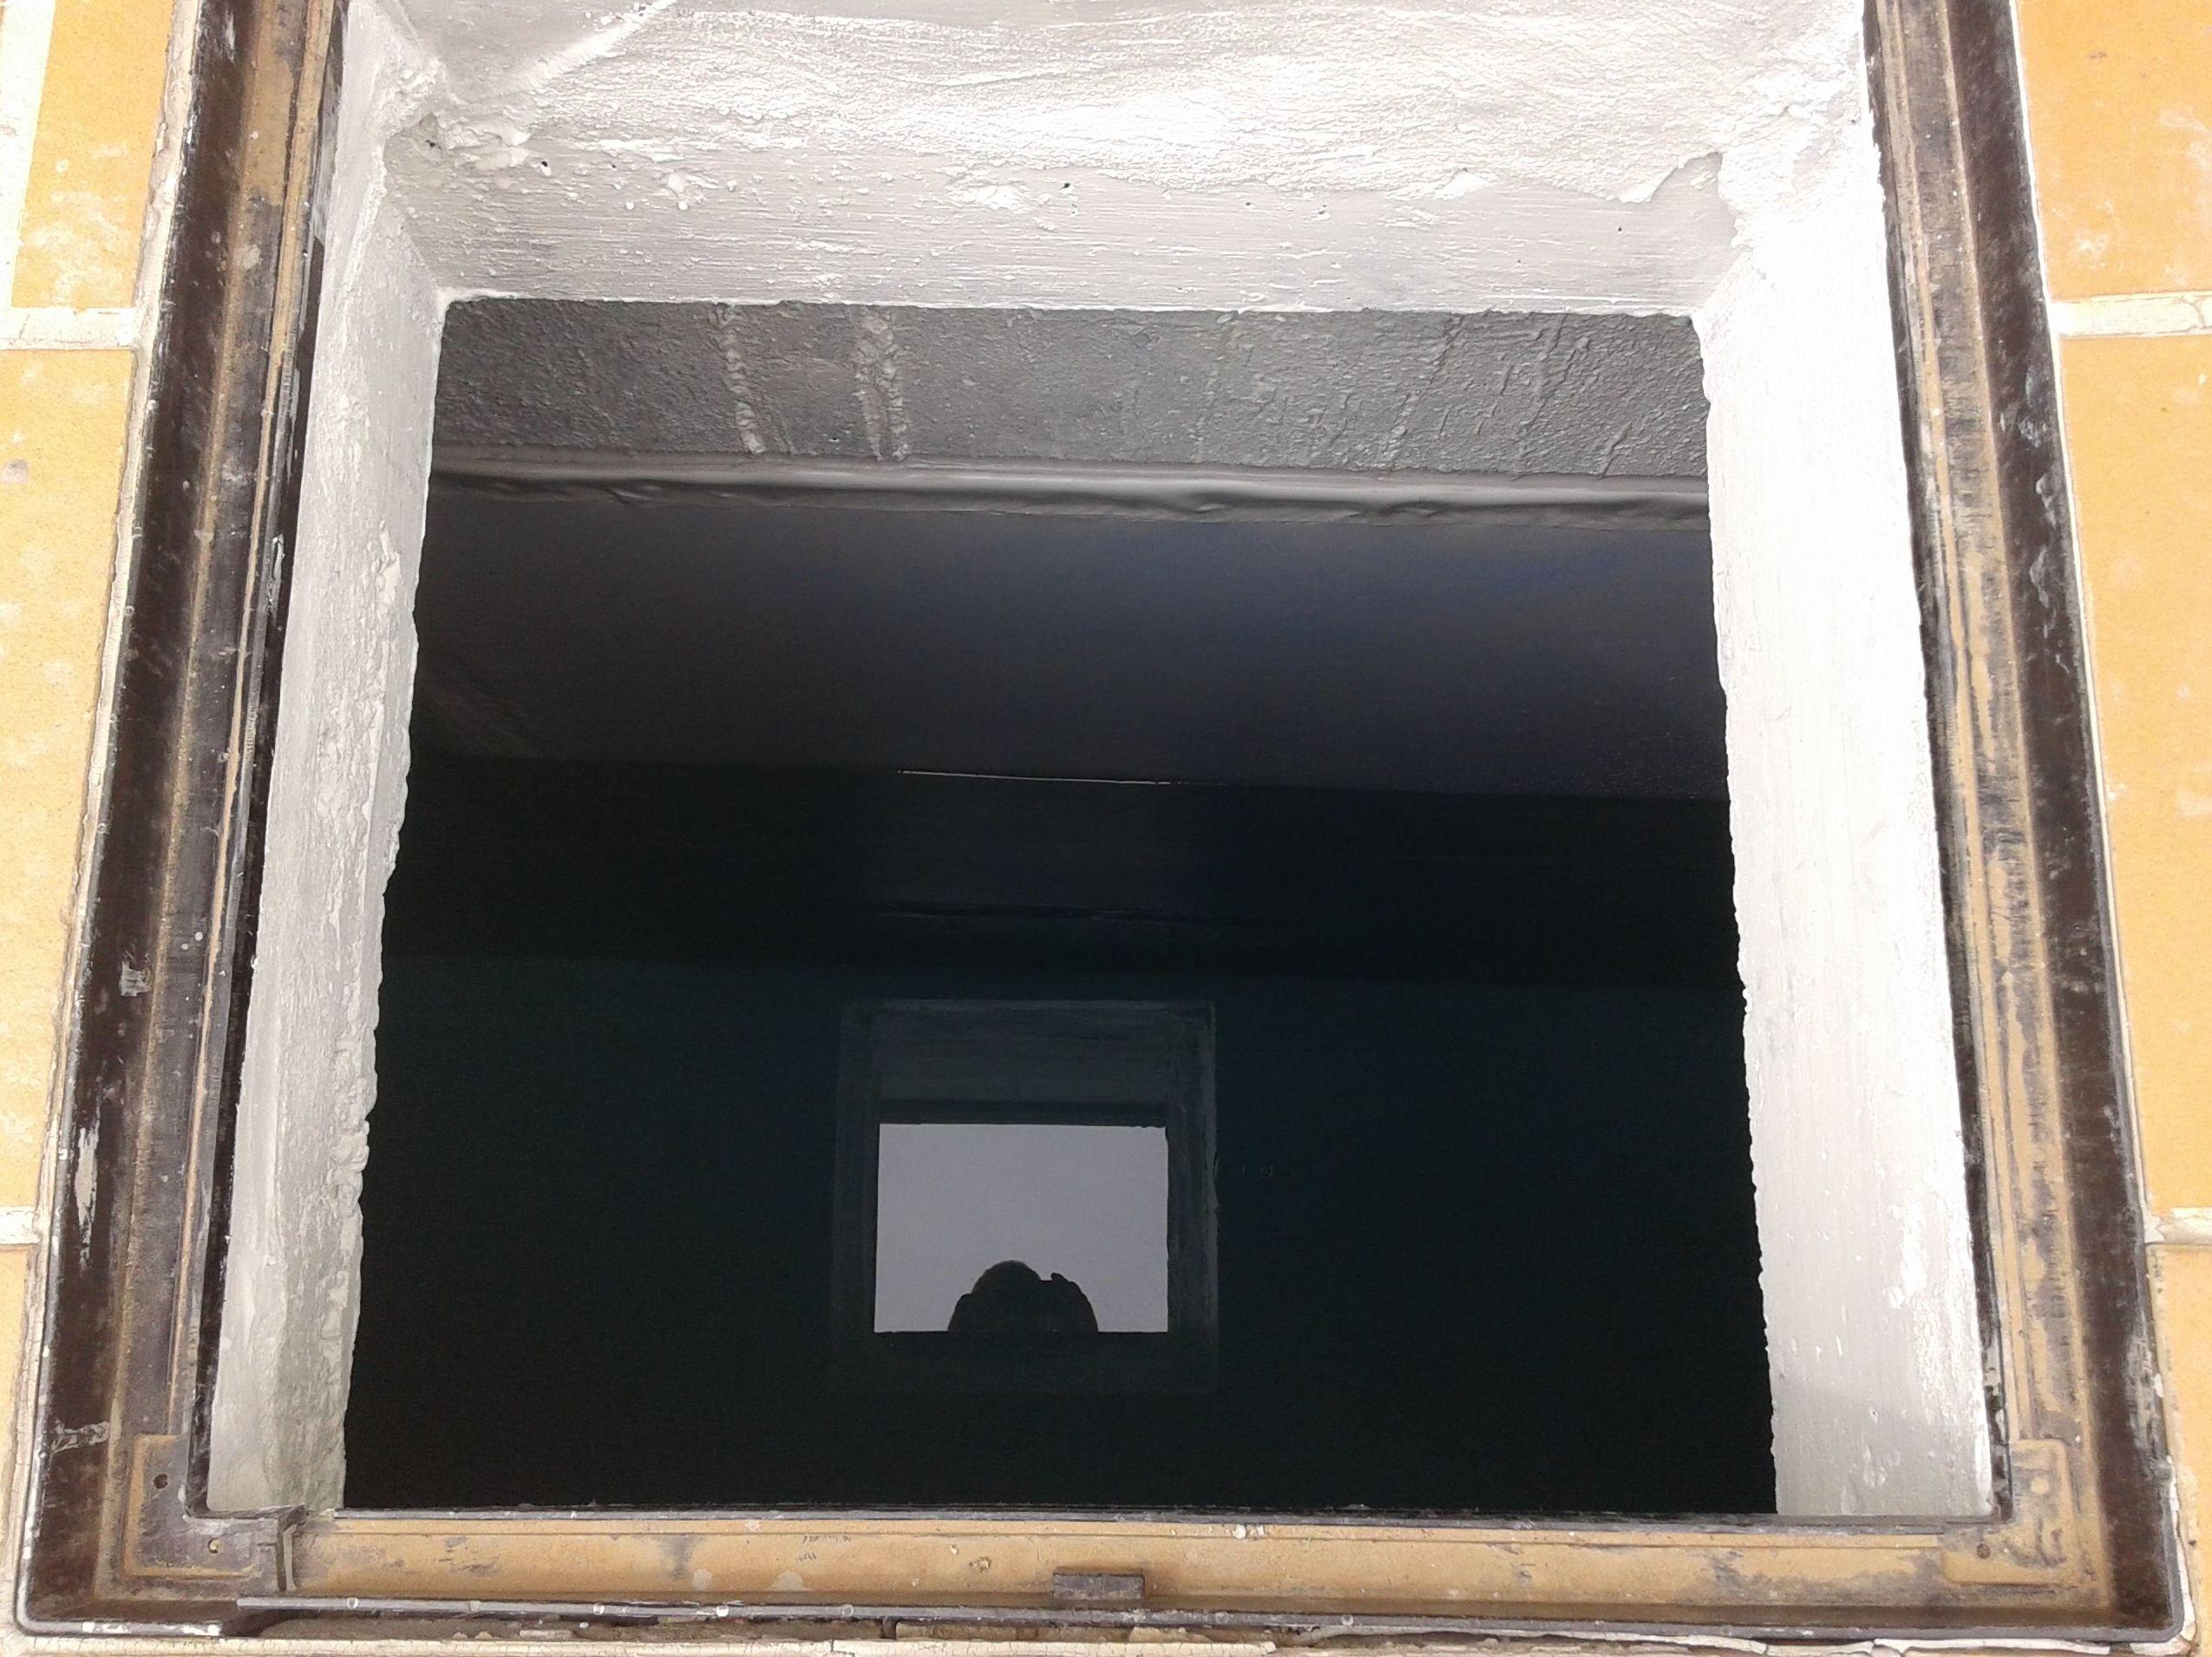 Remates en puerta de acceso a depósito, impermeabilizado con PVC.